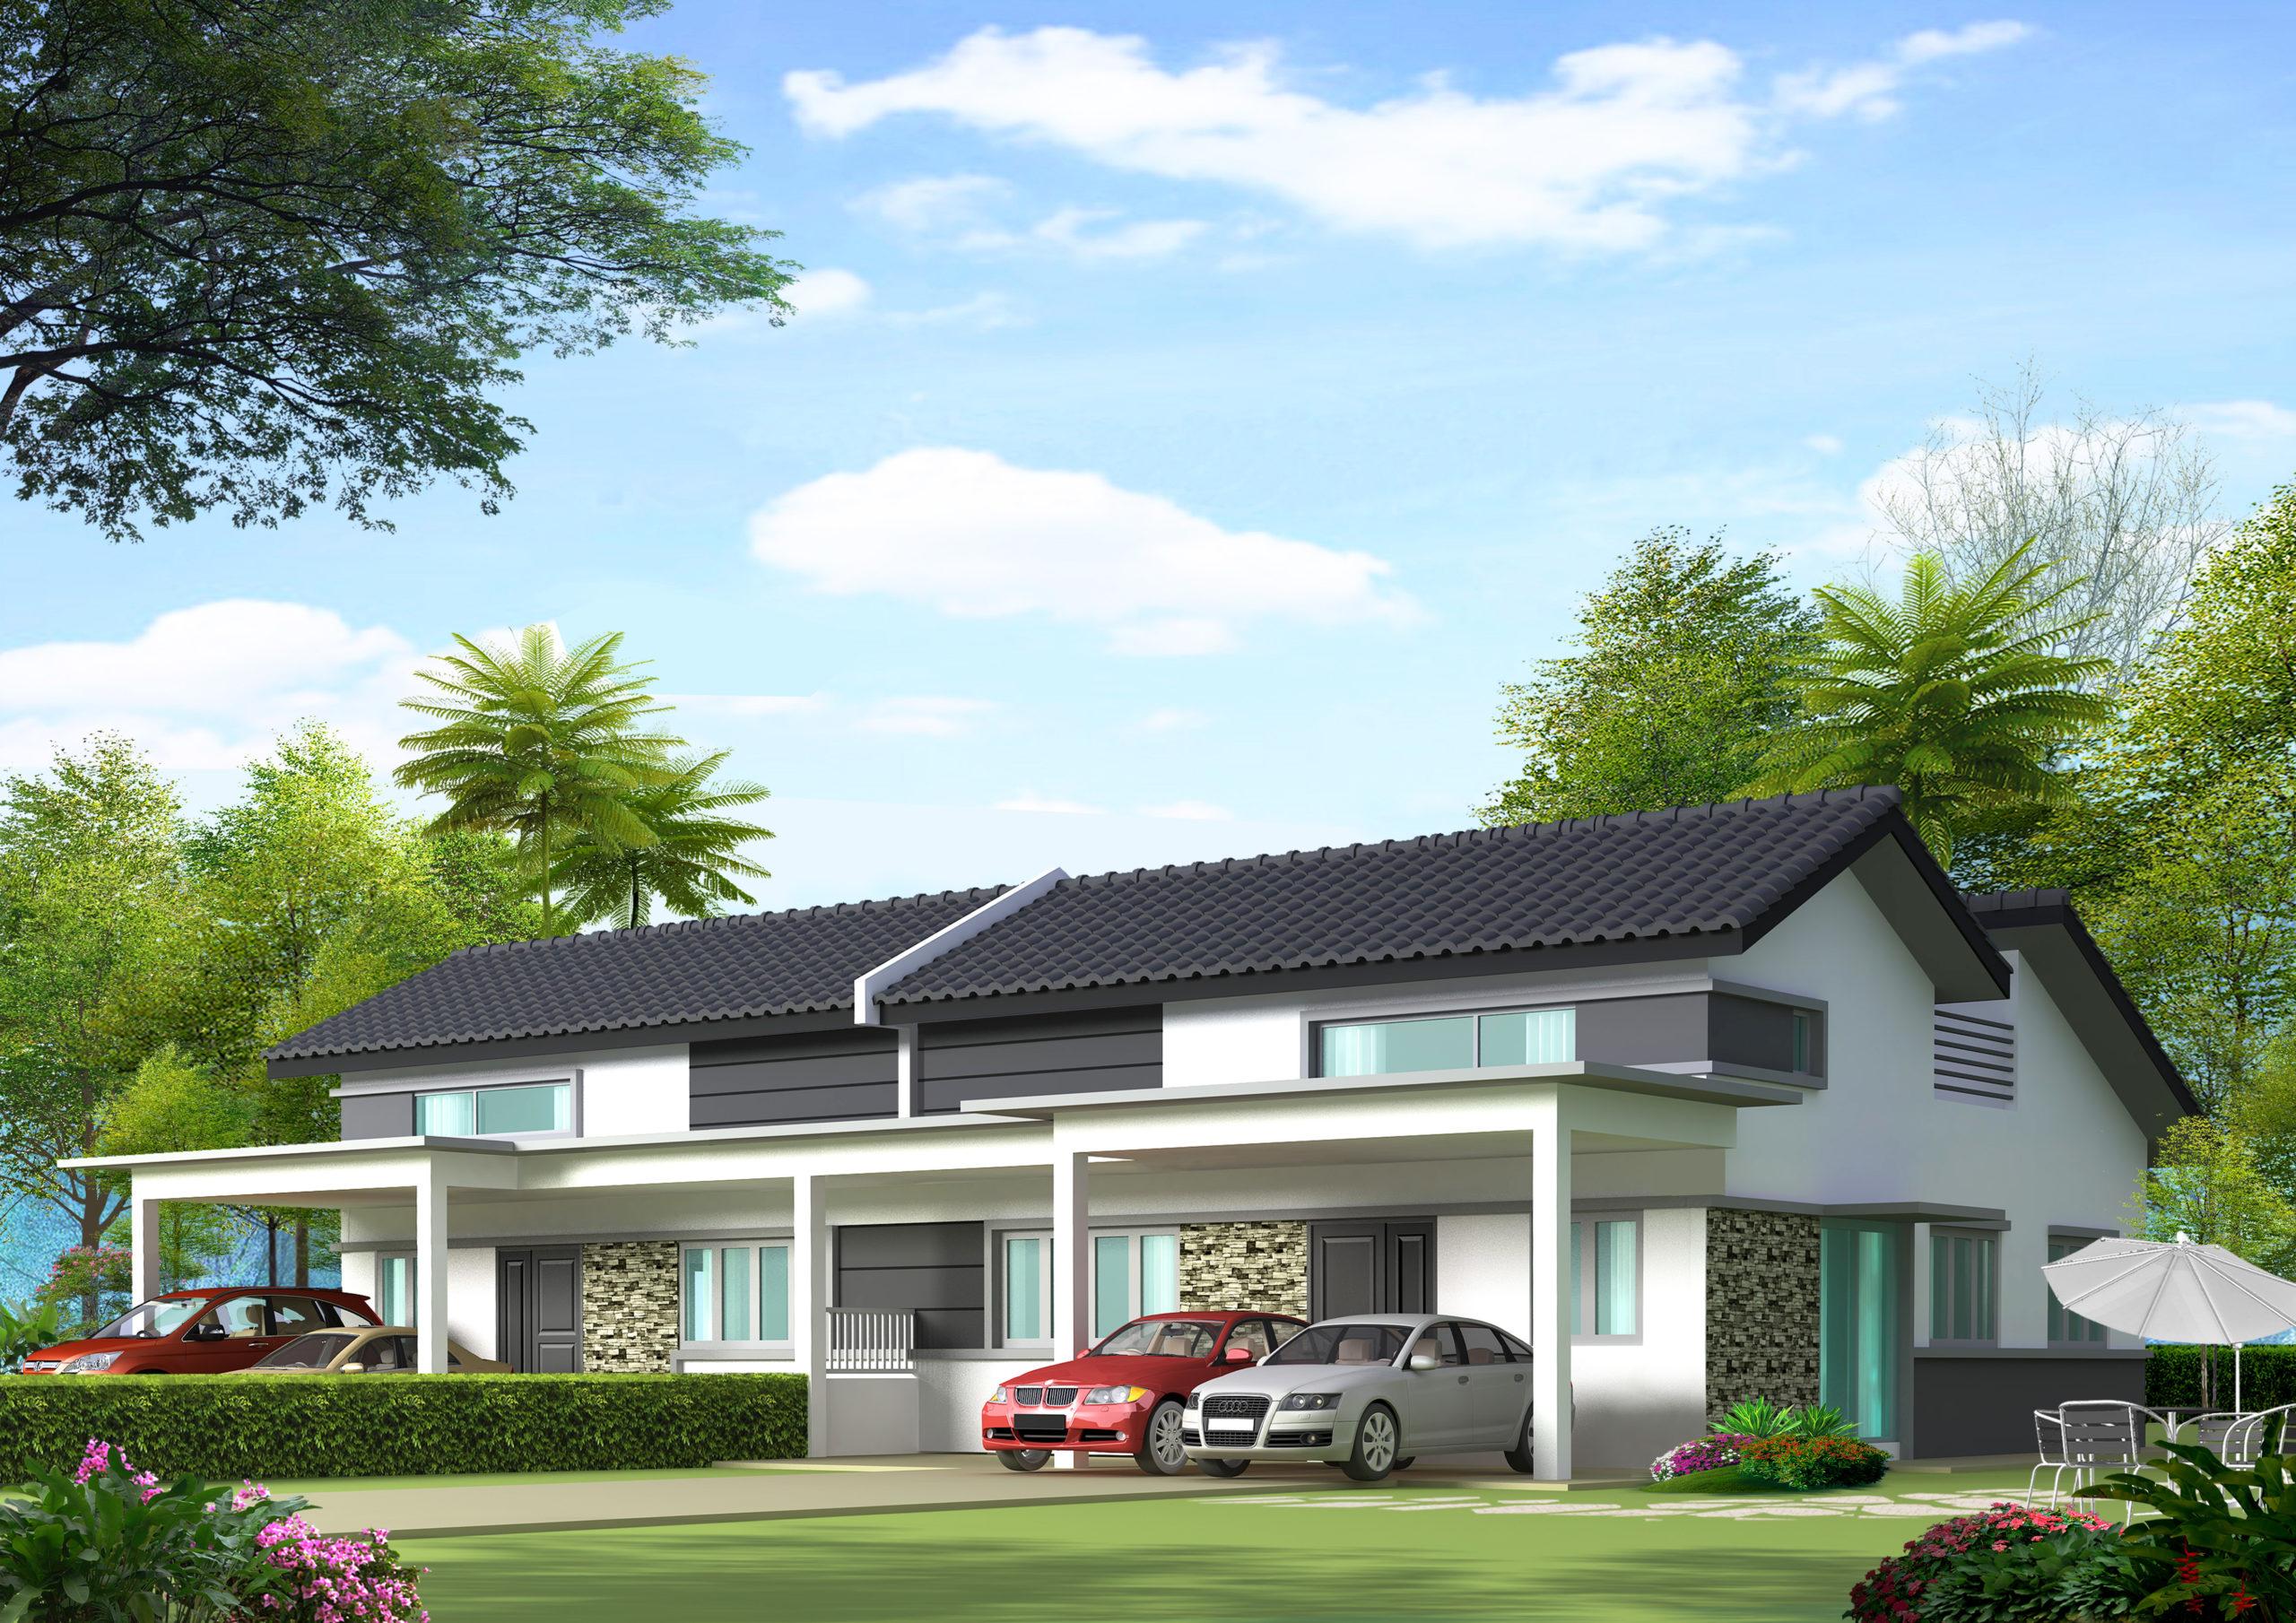 Taman Seri Serdang 3 First Phase